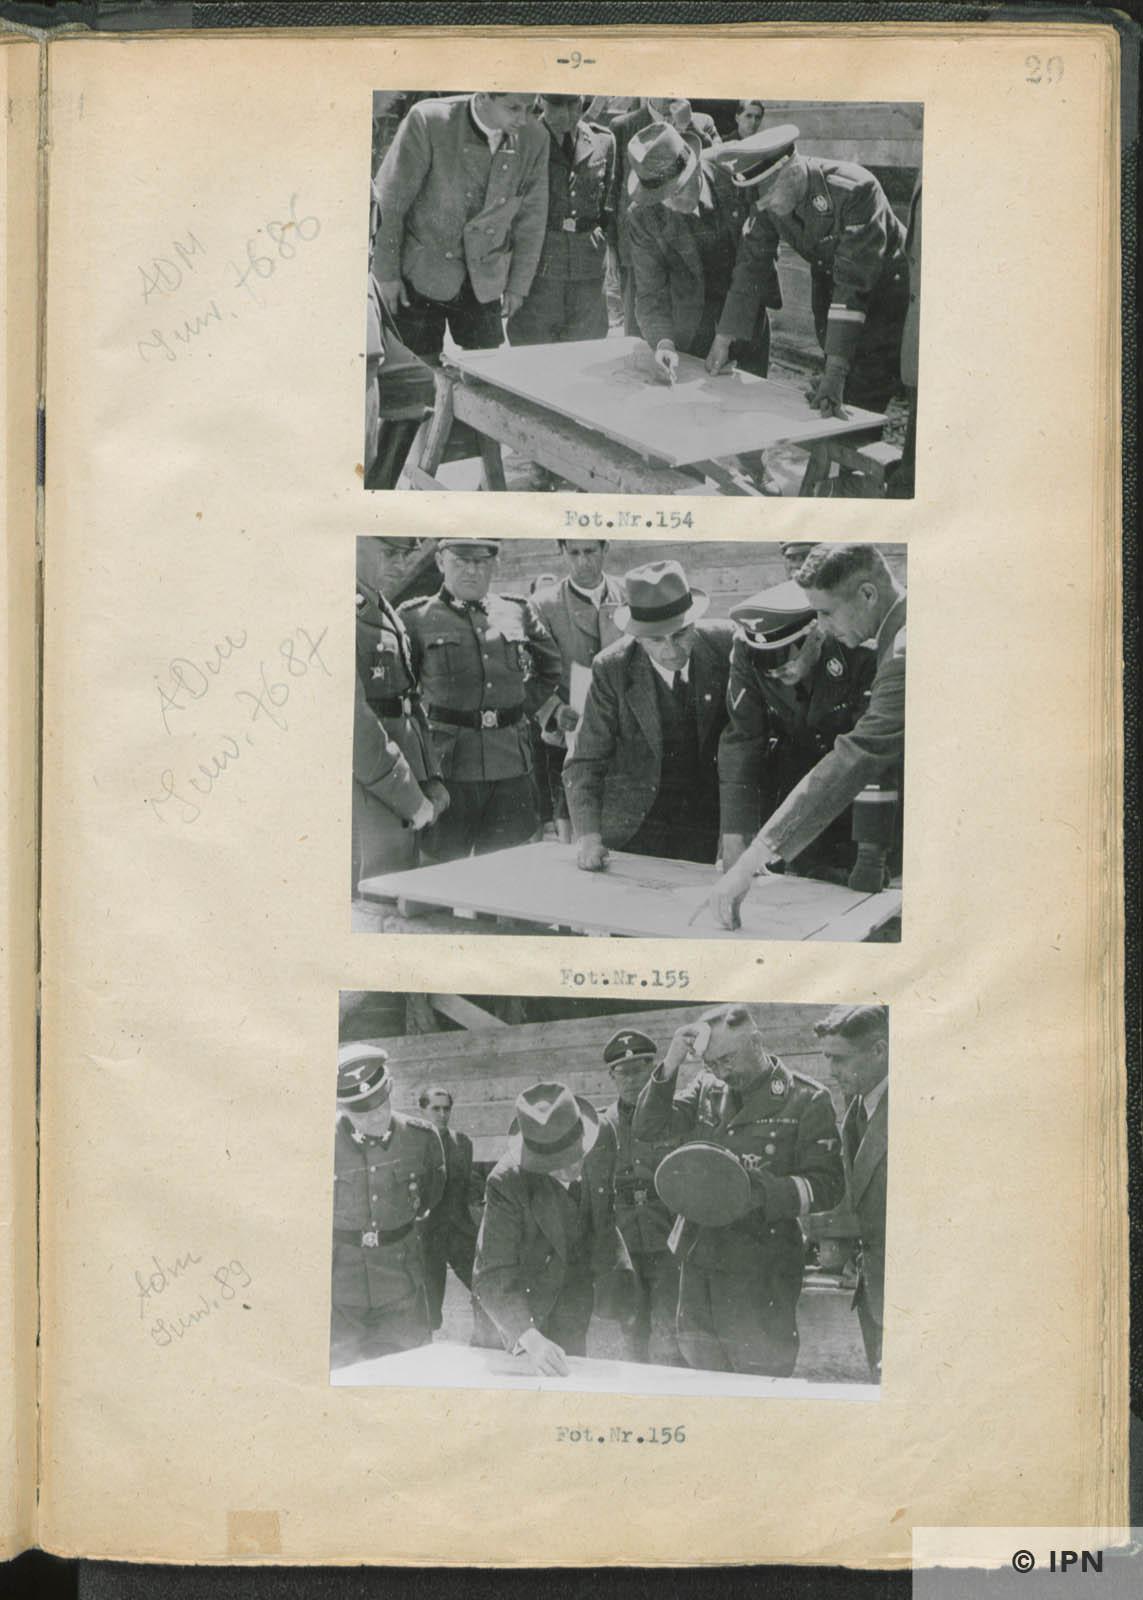 SS Reichsführer Heinrich Himmler visits IG Farben plant at Monowitz. July 17 to 18 1942. IPN GK 196 97 0034